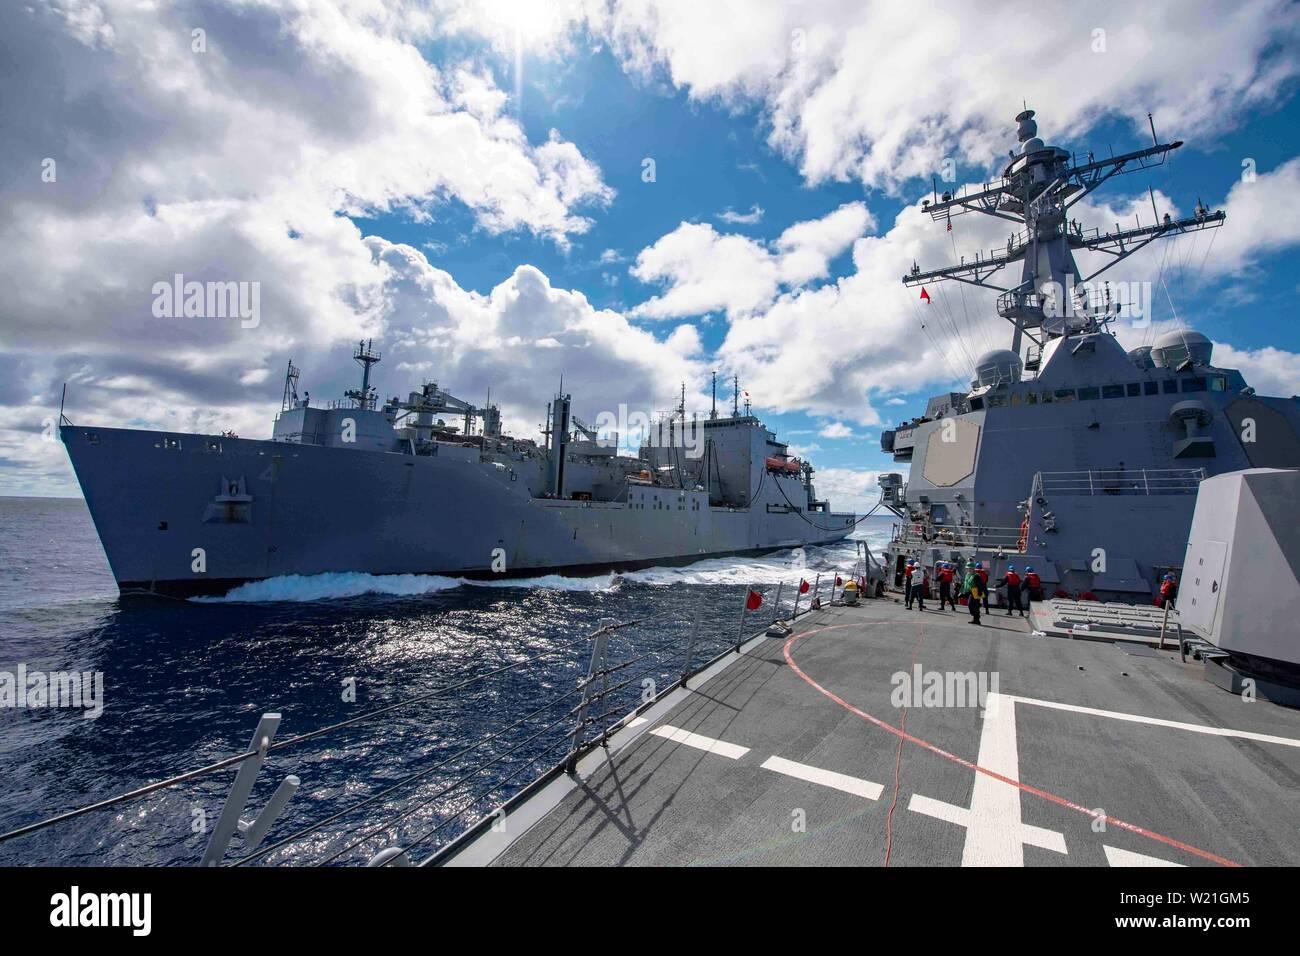 190703-N-JL568-1096 MAR DEL CORAL (Julio 03, 2019) La clase Arleigh Burke de misiles guiados destructor USS McCampbell (DDG 85) realiza una reposición en el mar con el buque de carga seca y municiones USNS Richard E. Byrd (T-AKE 4). Es McCampbell desplegadas a la séptima Flota de EE.UU. zona de operaciones en apoyo de la seguridad y la estabilidad en la región del Indo-Pacífico. (Ee.Uu. Navy photo by Mass Communication Specialist 3ª clase Isaac Maxwell/liberado) Foto de stock